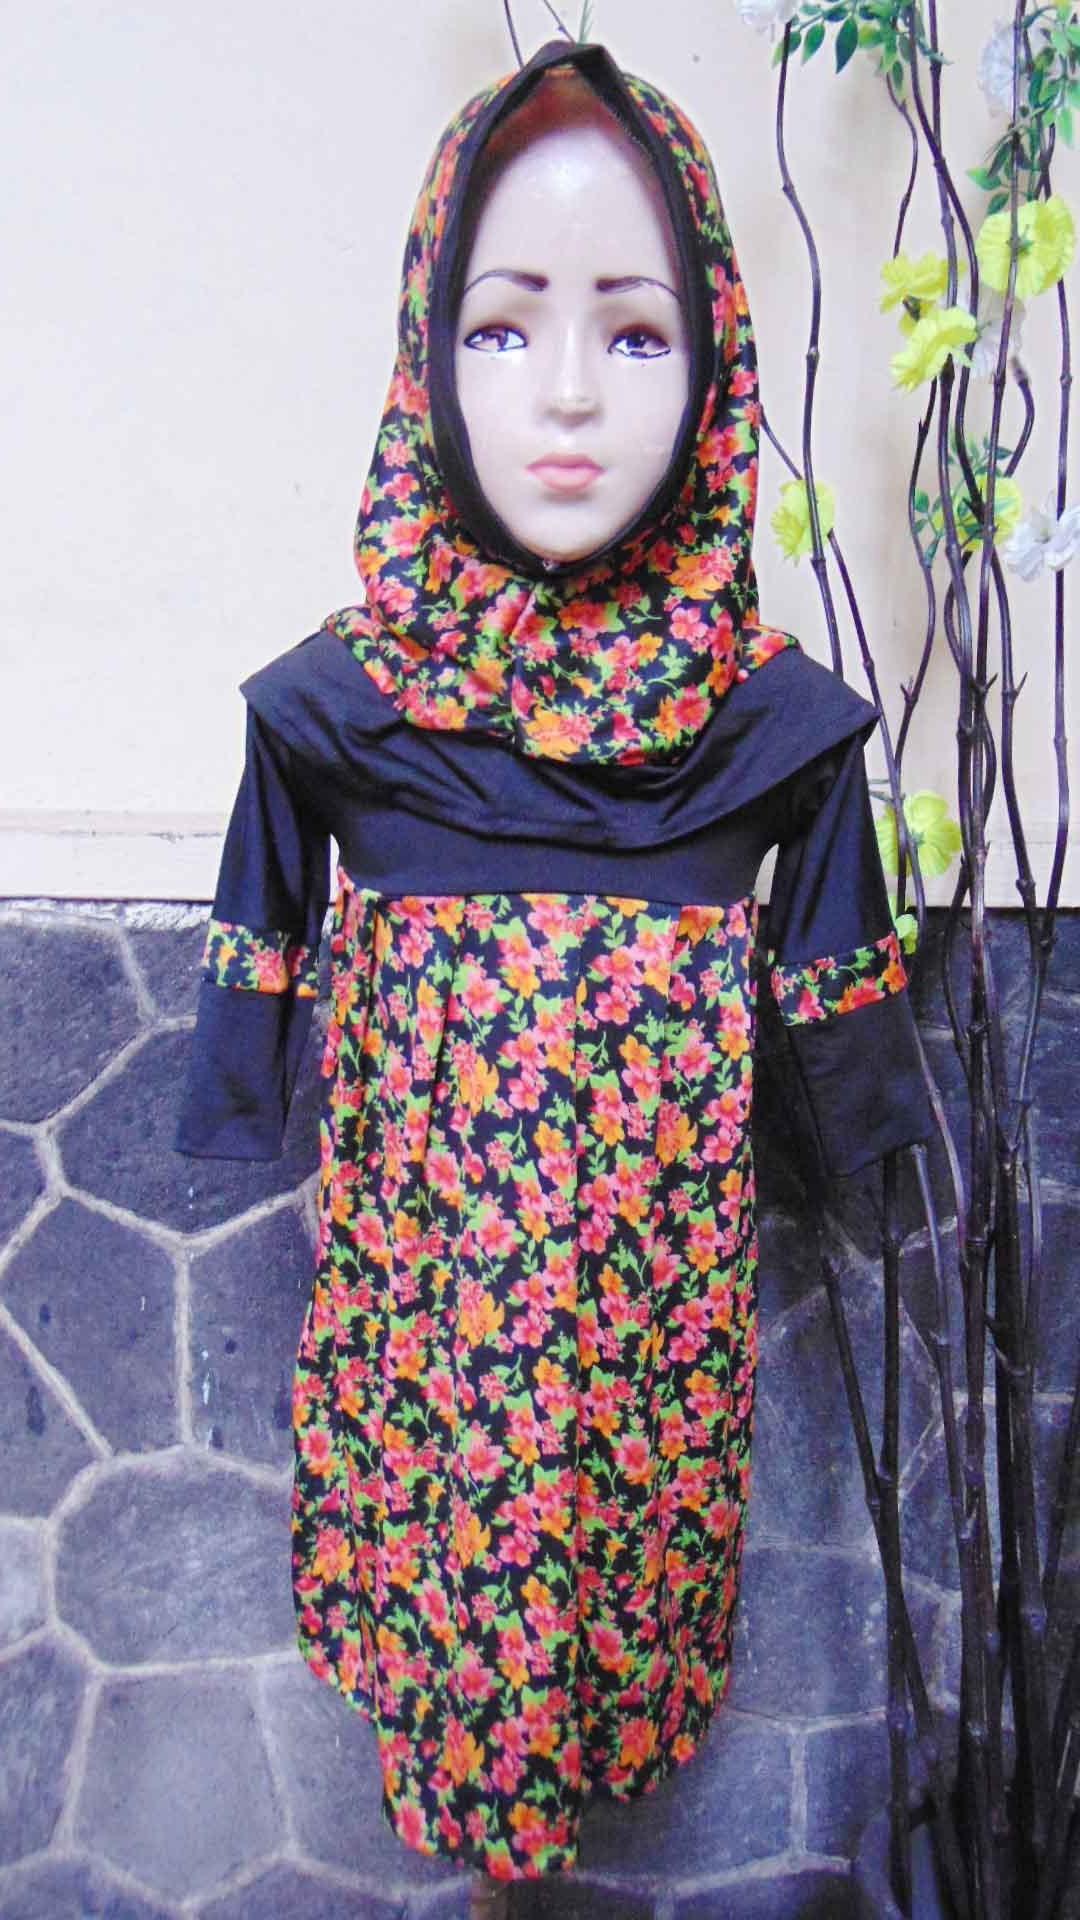 PALING MURAH Baju Muslim Gamis Aira Anak Bayi Perempuan 6-18bulan Plus Hijab Black Flowers 40 lebar dada 26cm, panjang 59cm